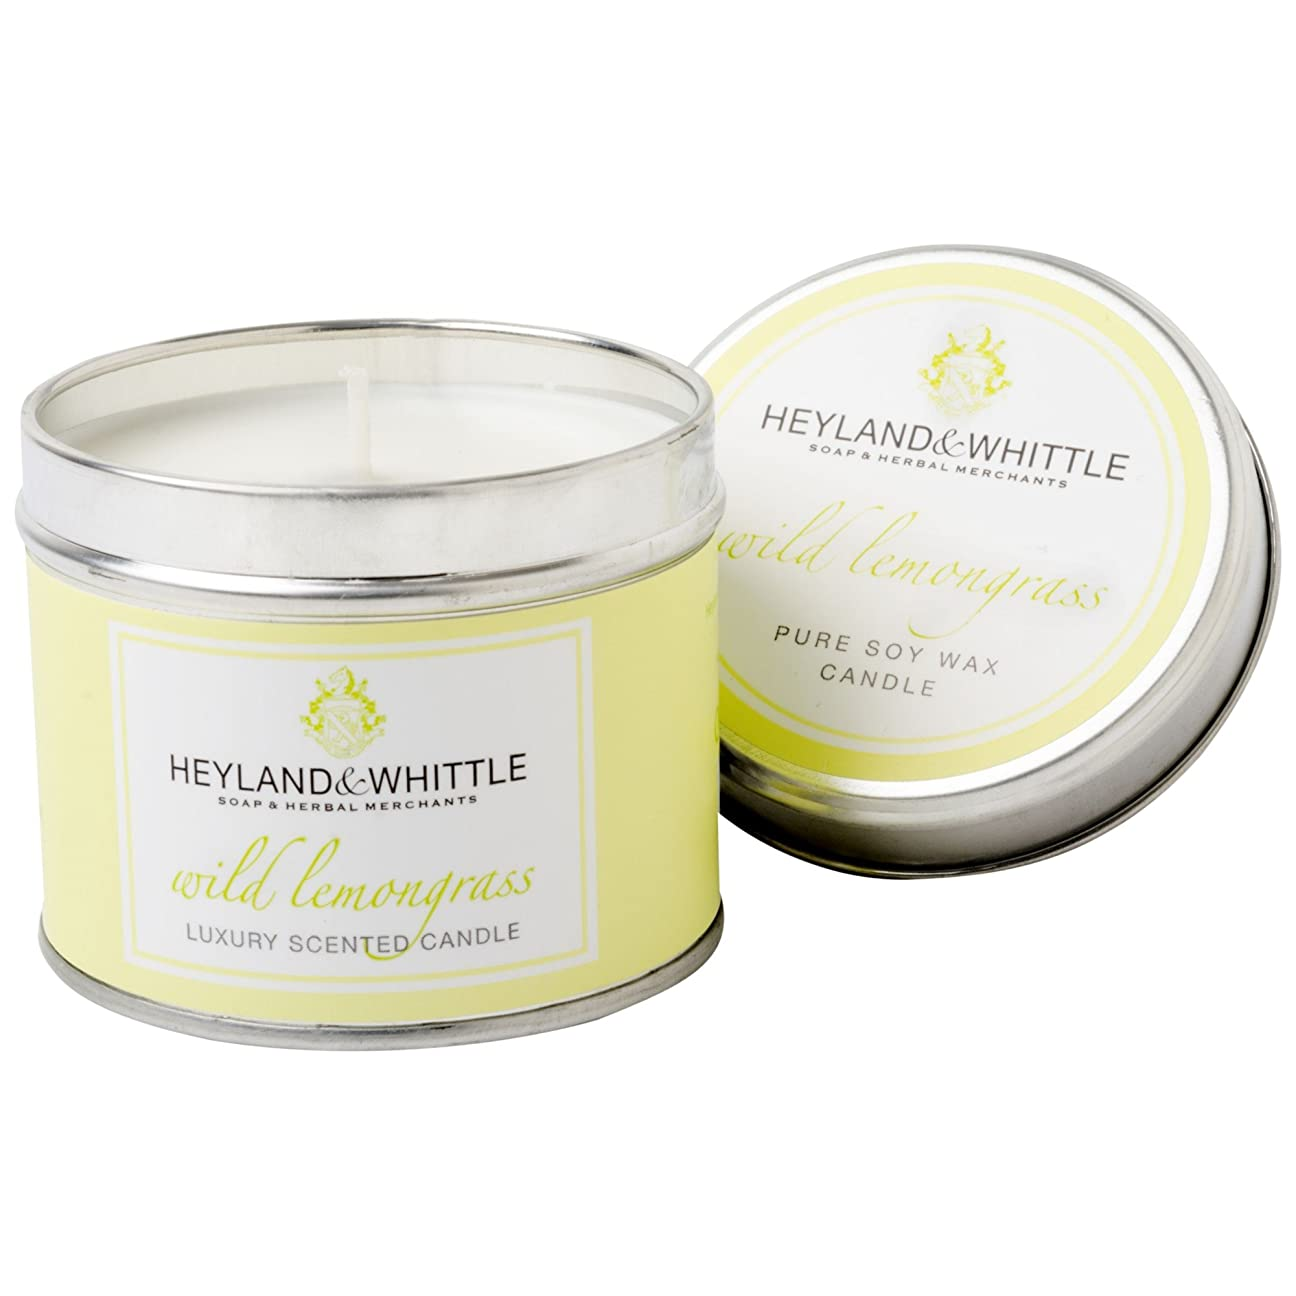 ゴージャス見込み困ったHeyland&削るレモングラスキャンドルスズ (Heyland & Whittle) - Heyland & Whittle Lemongrass Candle Tin [並行輸入品]